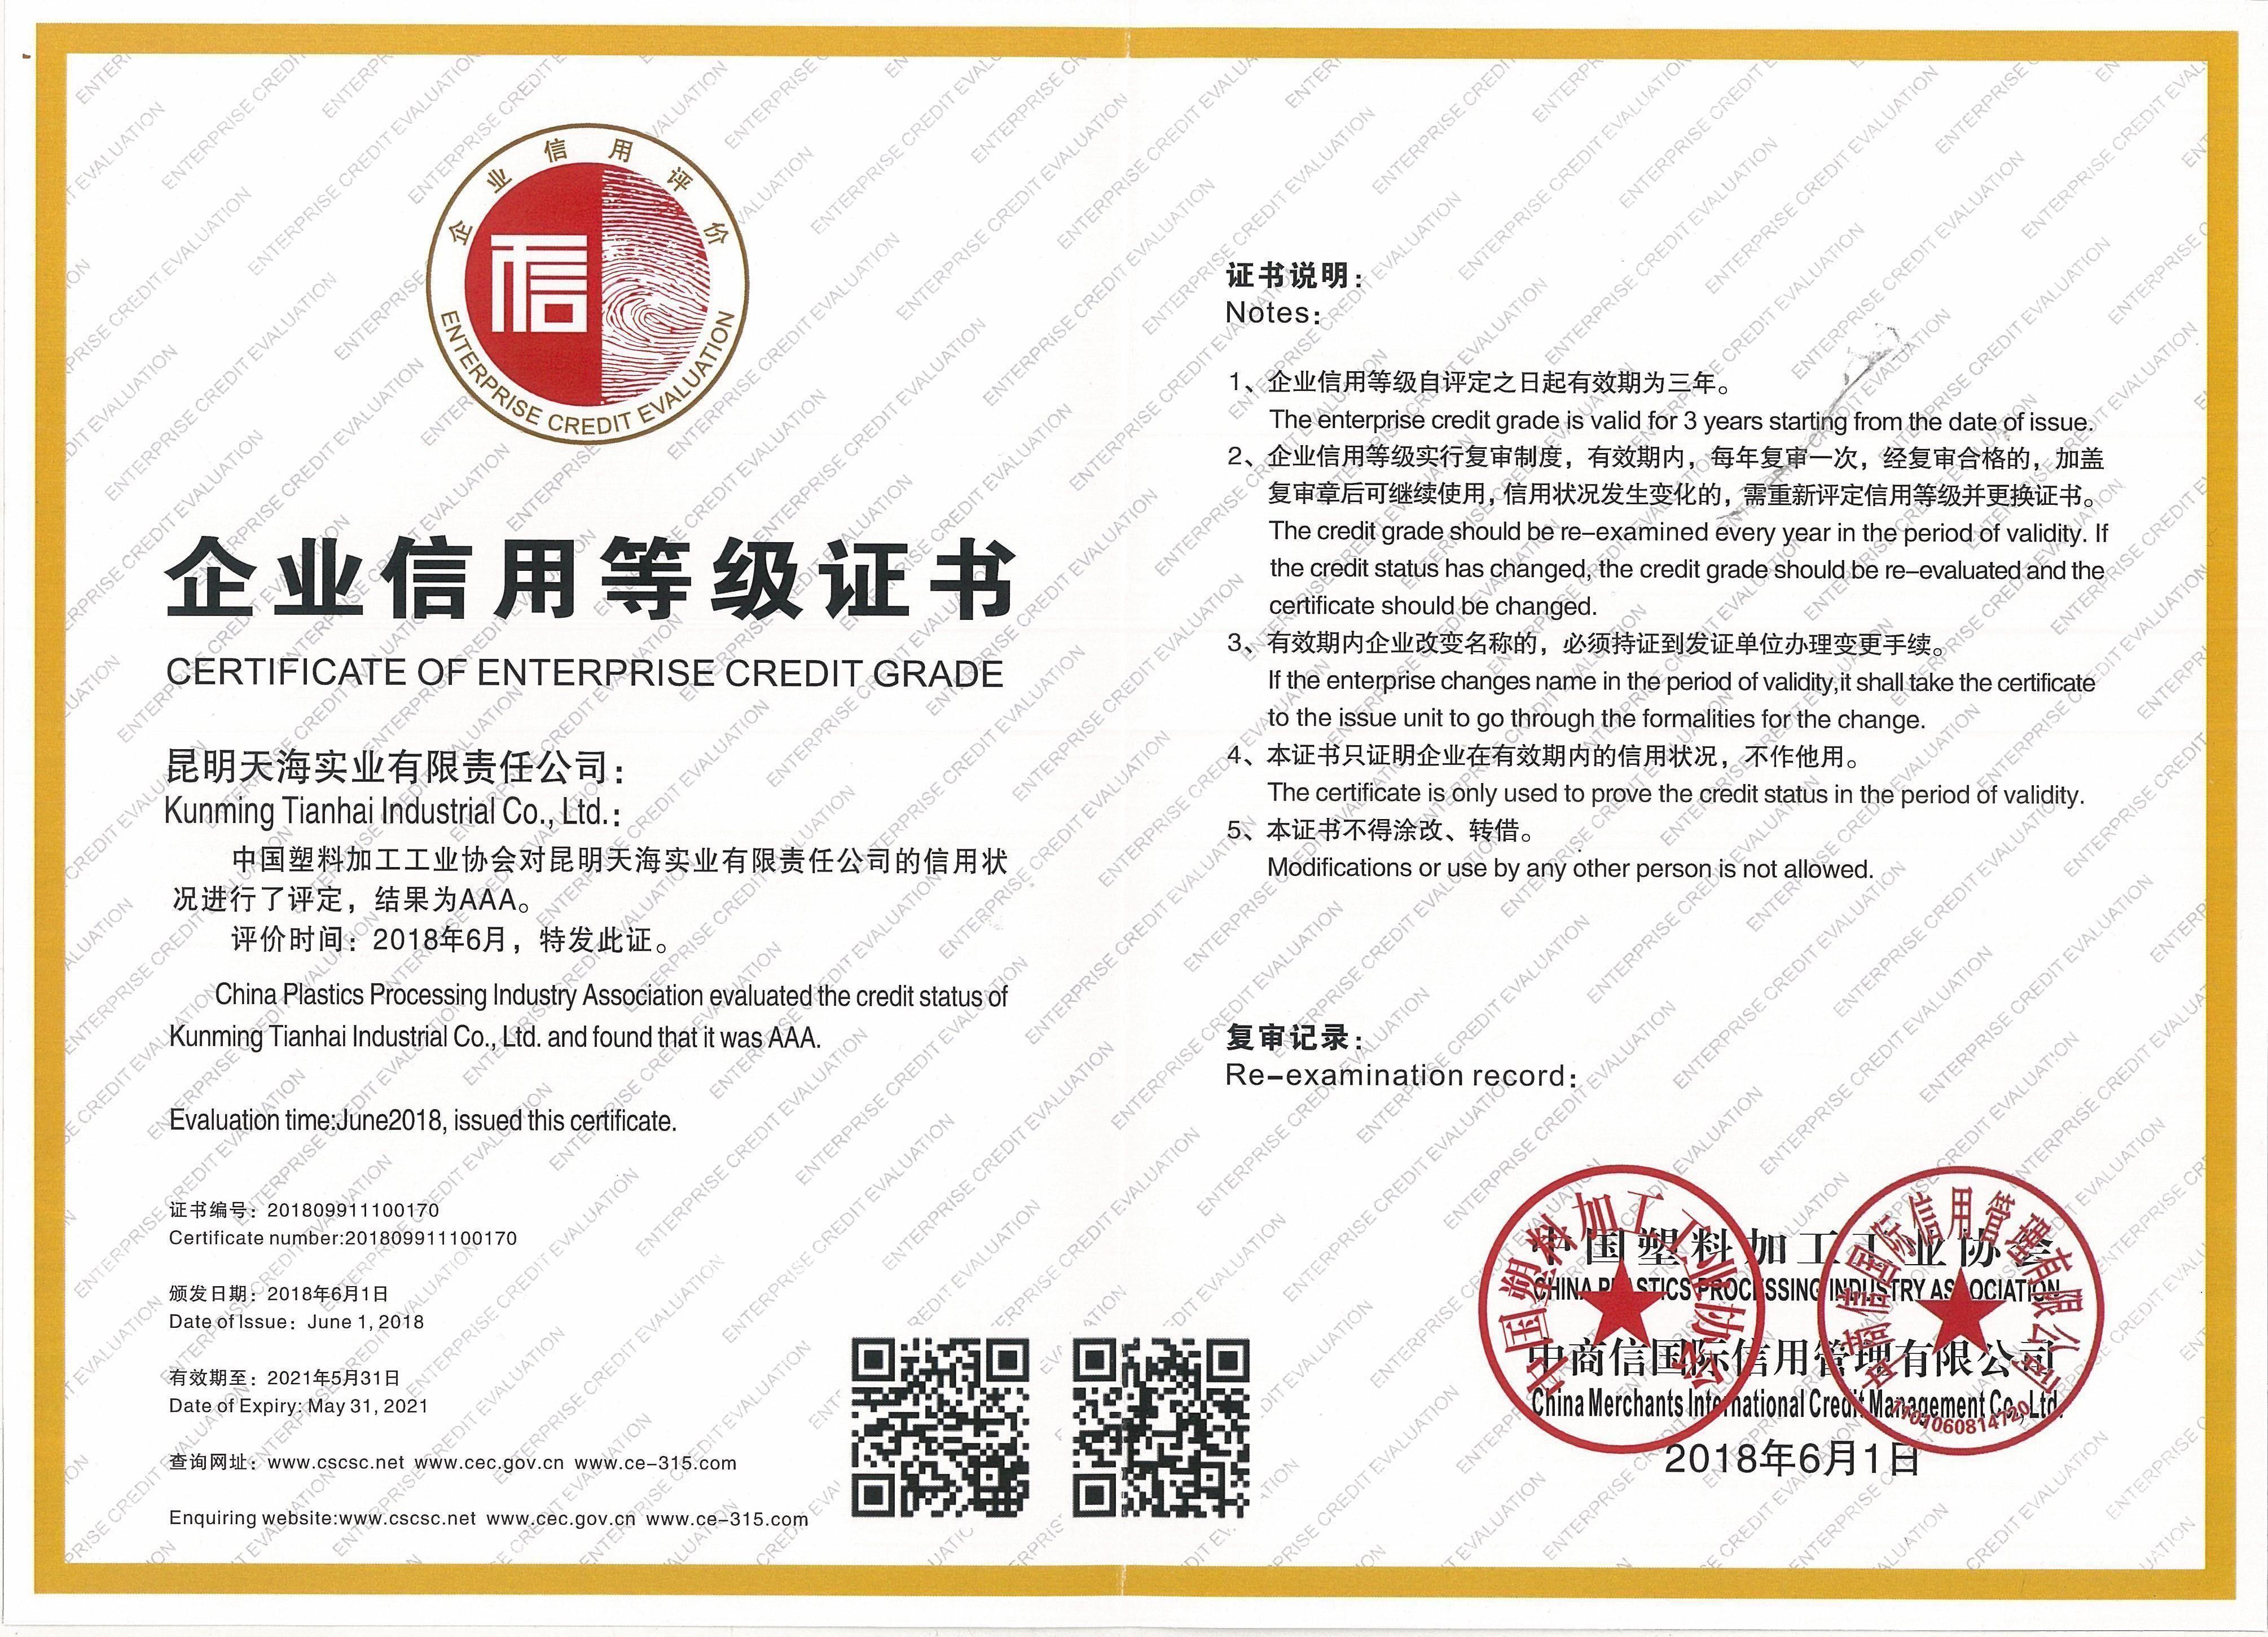 【天海】企业信用AAA证书